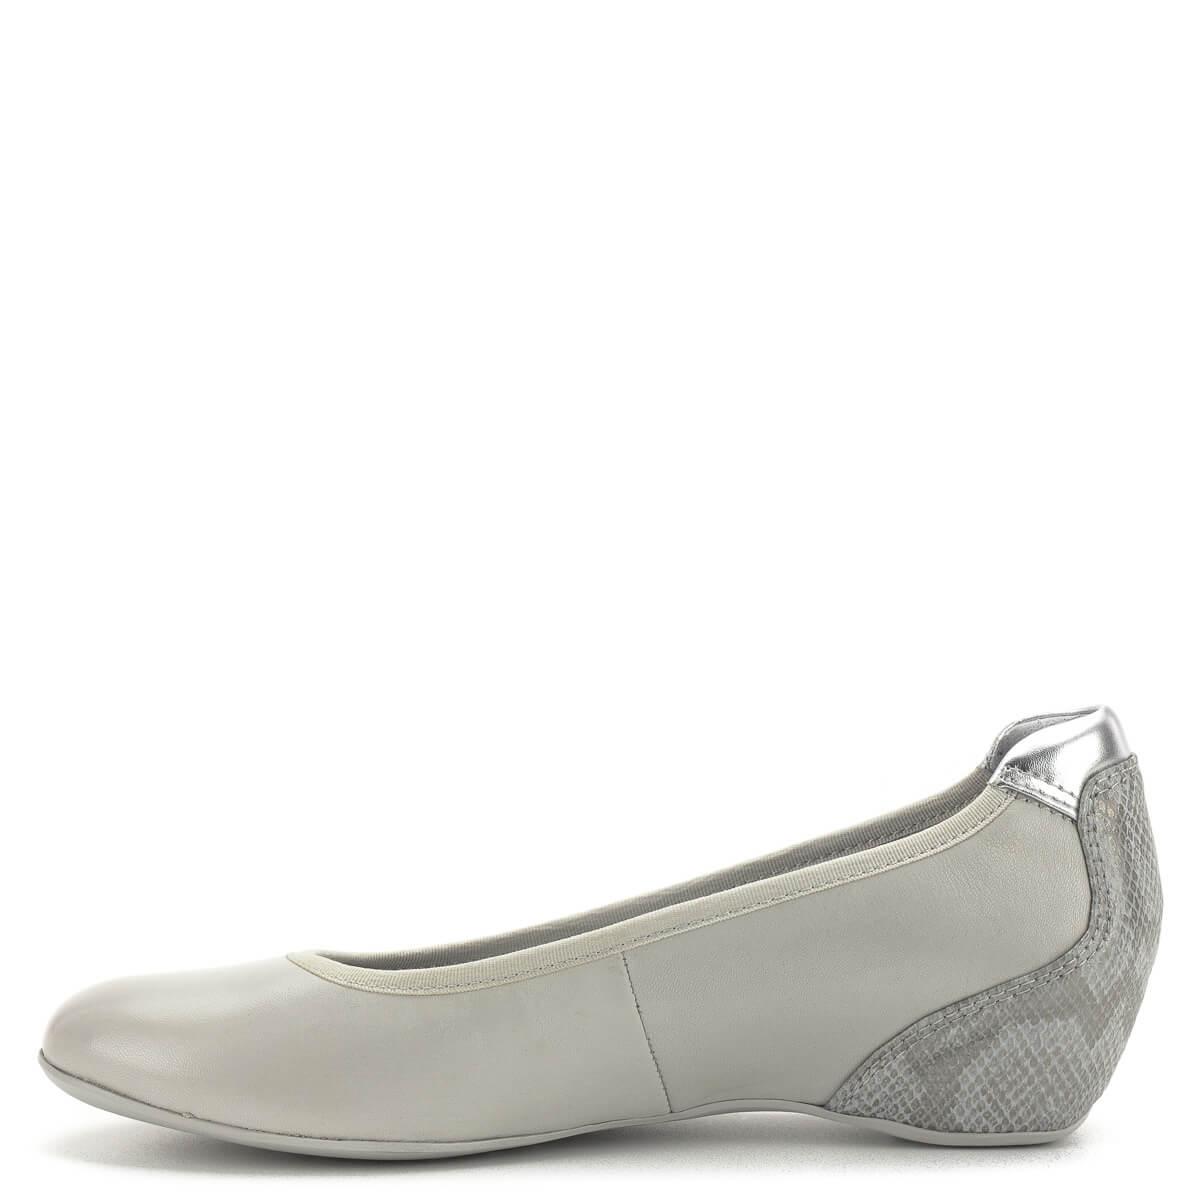 e333aa5a9dd9 ... Telitalpú Tamaris cipő memóriahabos Tamaris Touch It talpbéléssel. A cipő  sarka bevont, kérgén mintás